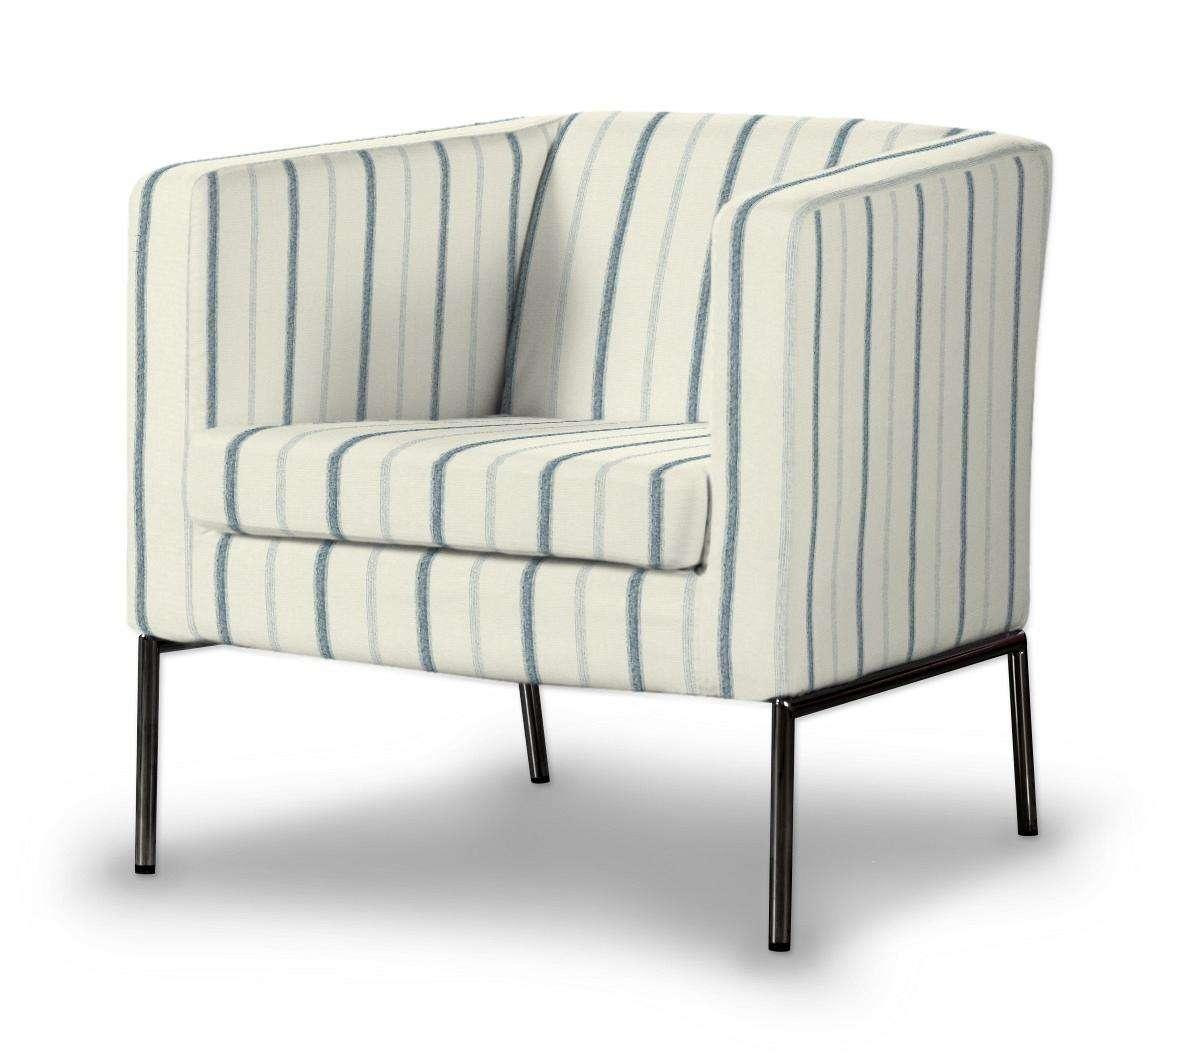 KLAPPSTA fotelio užvalkalas KLAPPSTA fotelio užvalkalas kolekcijoje Avinon, audinys: 129-66